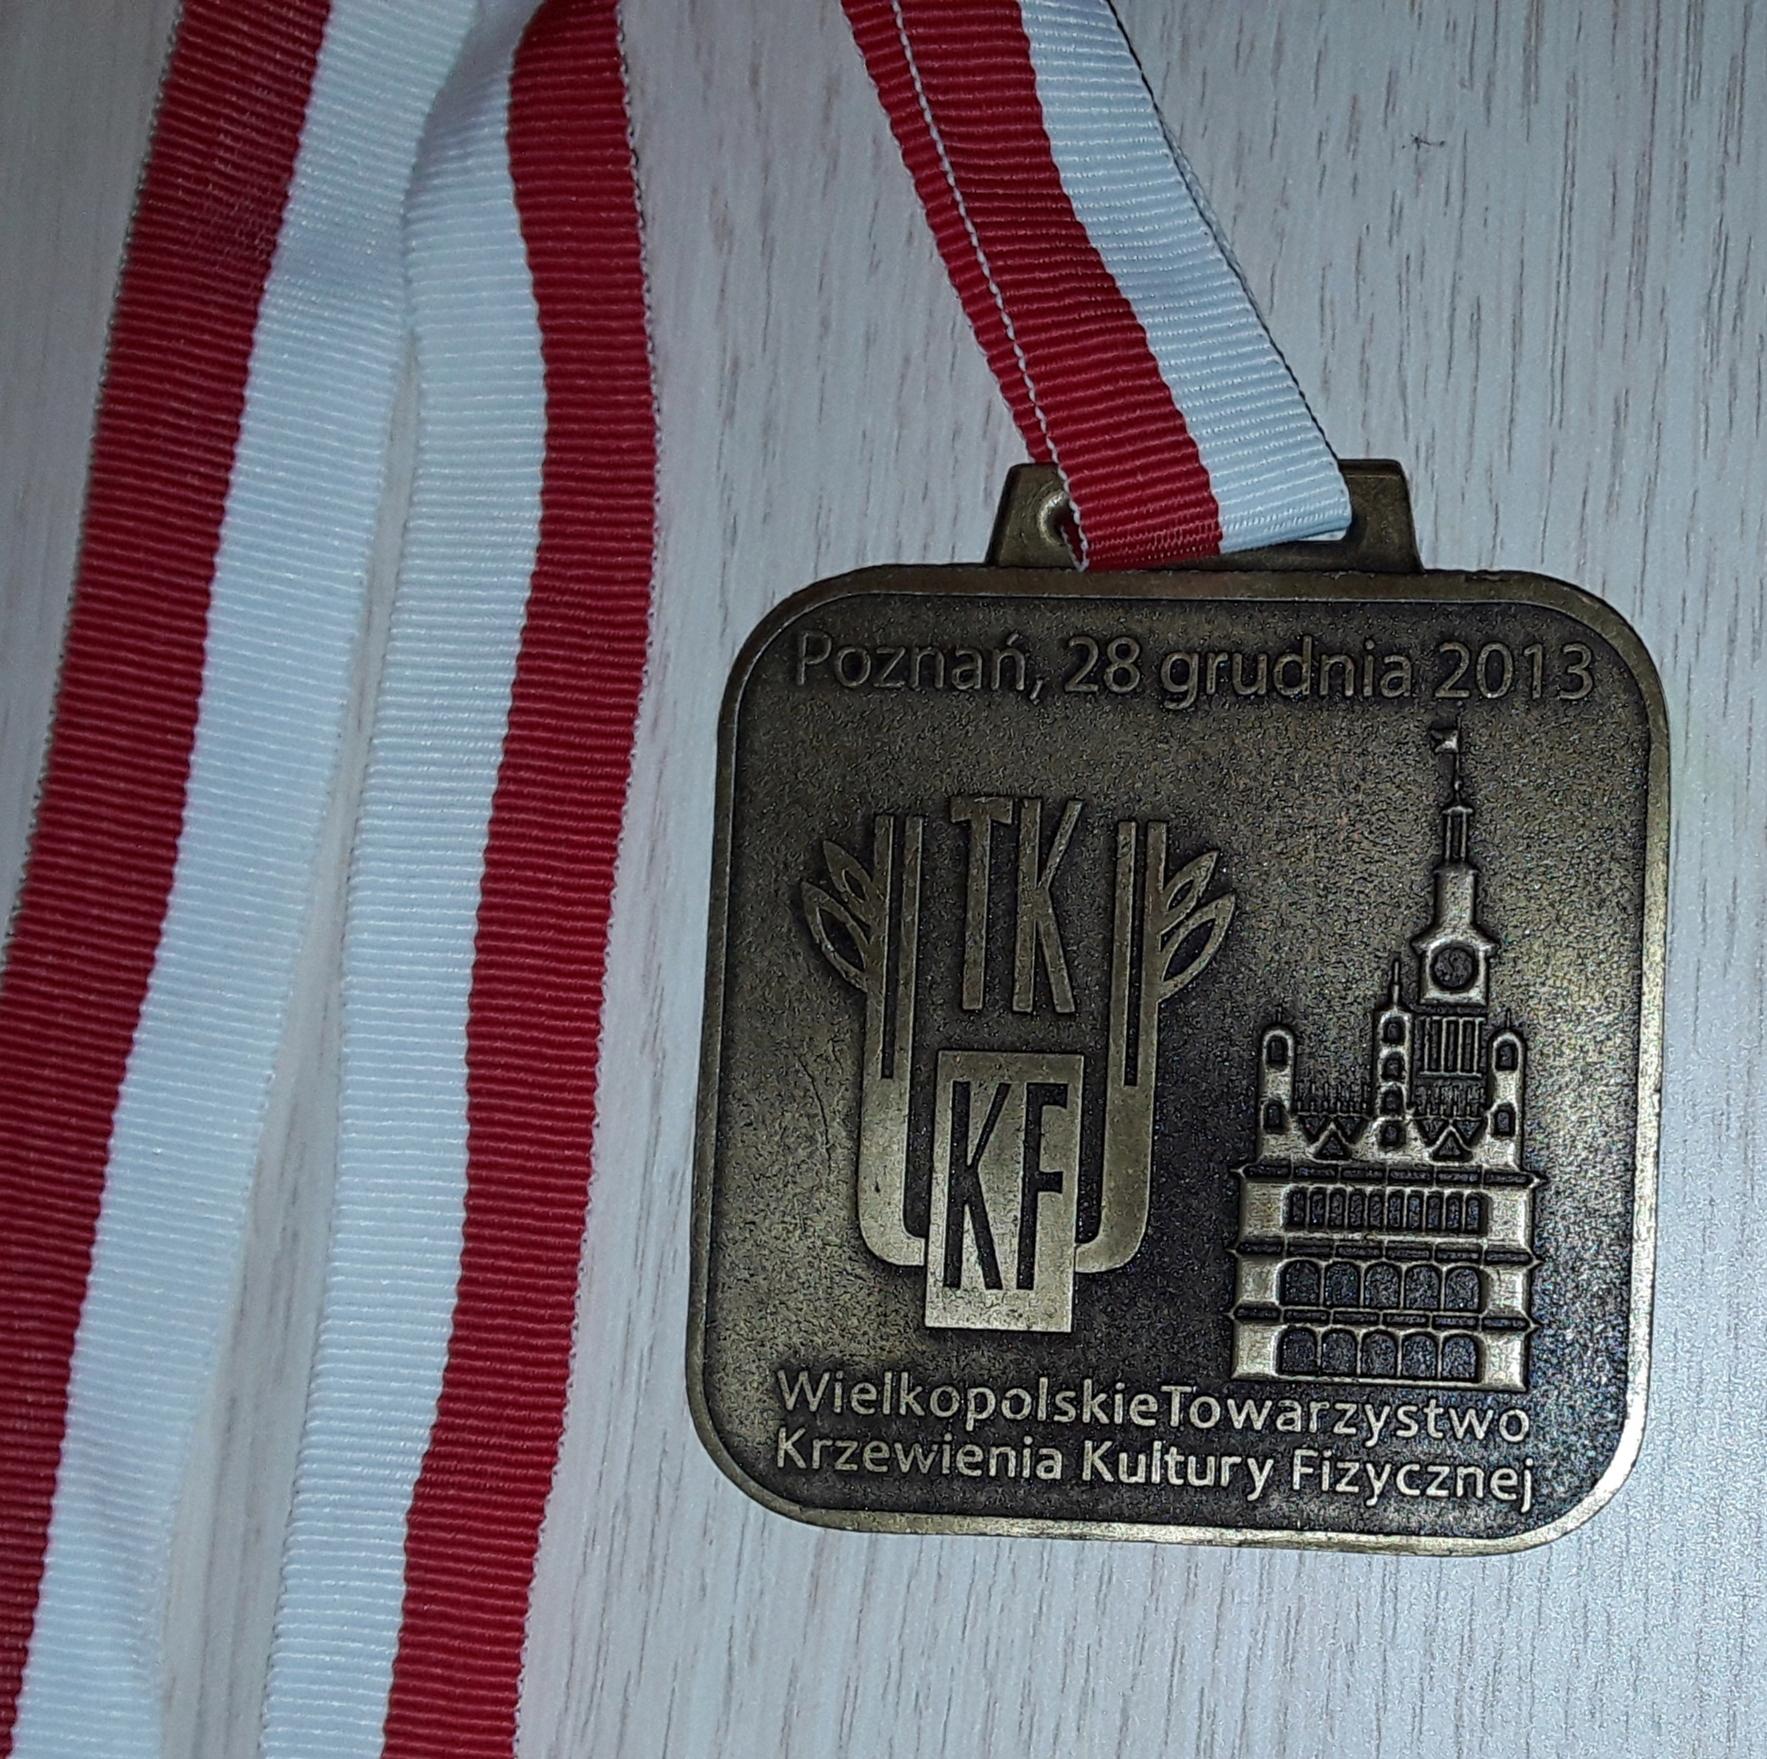 MIĘDZYNARODOWY BIEG SYLWESTROWY Poznań TKKF medal